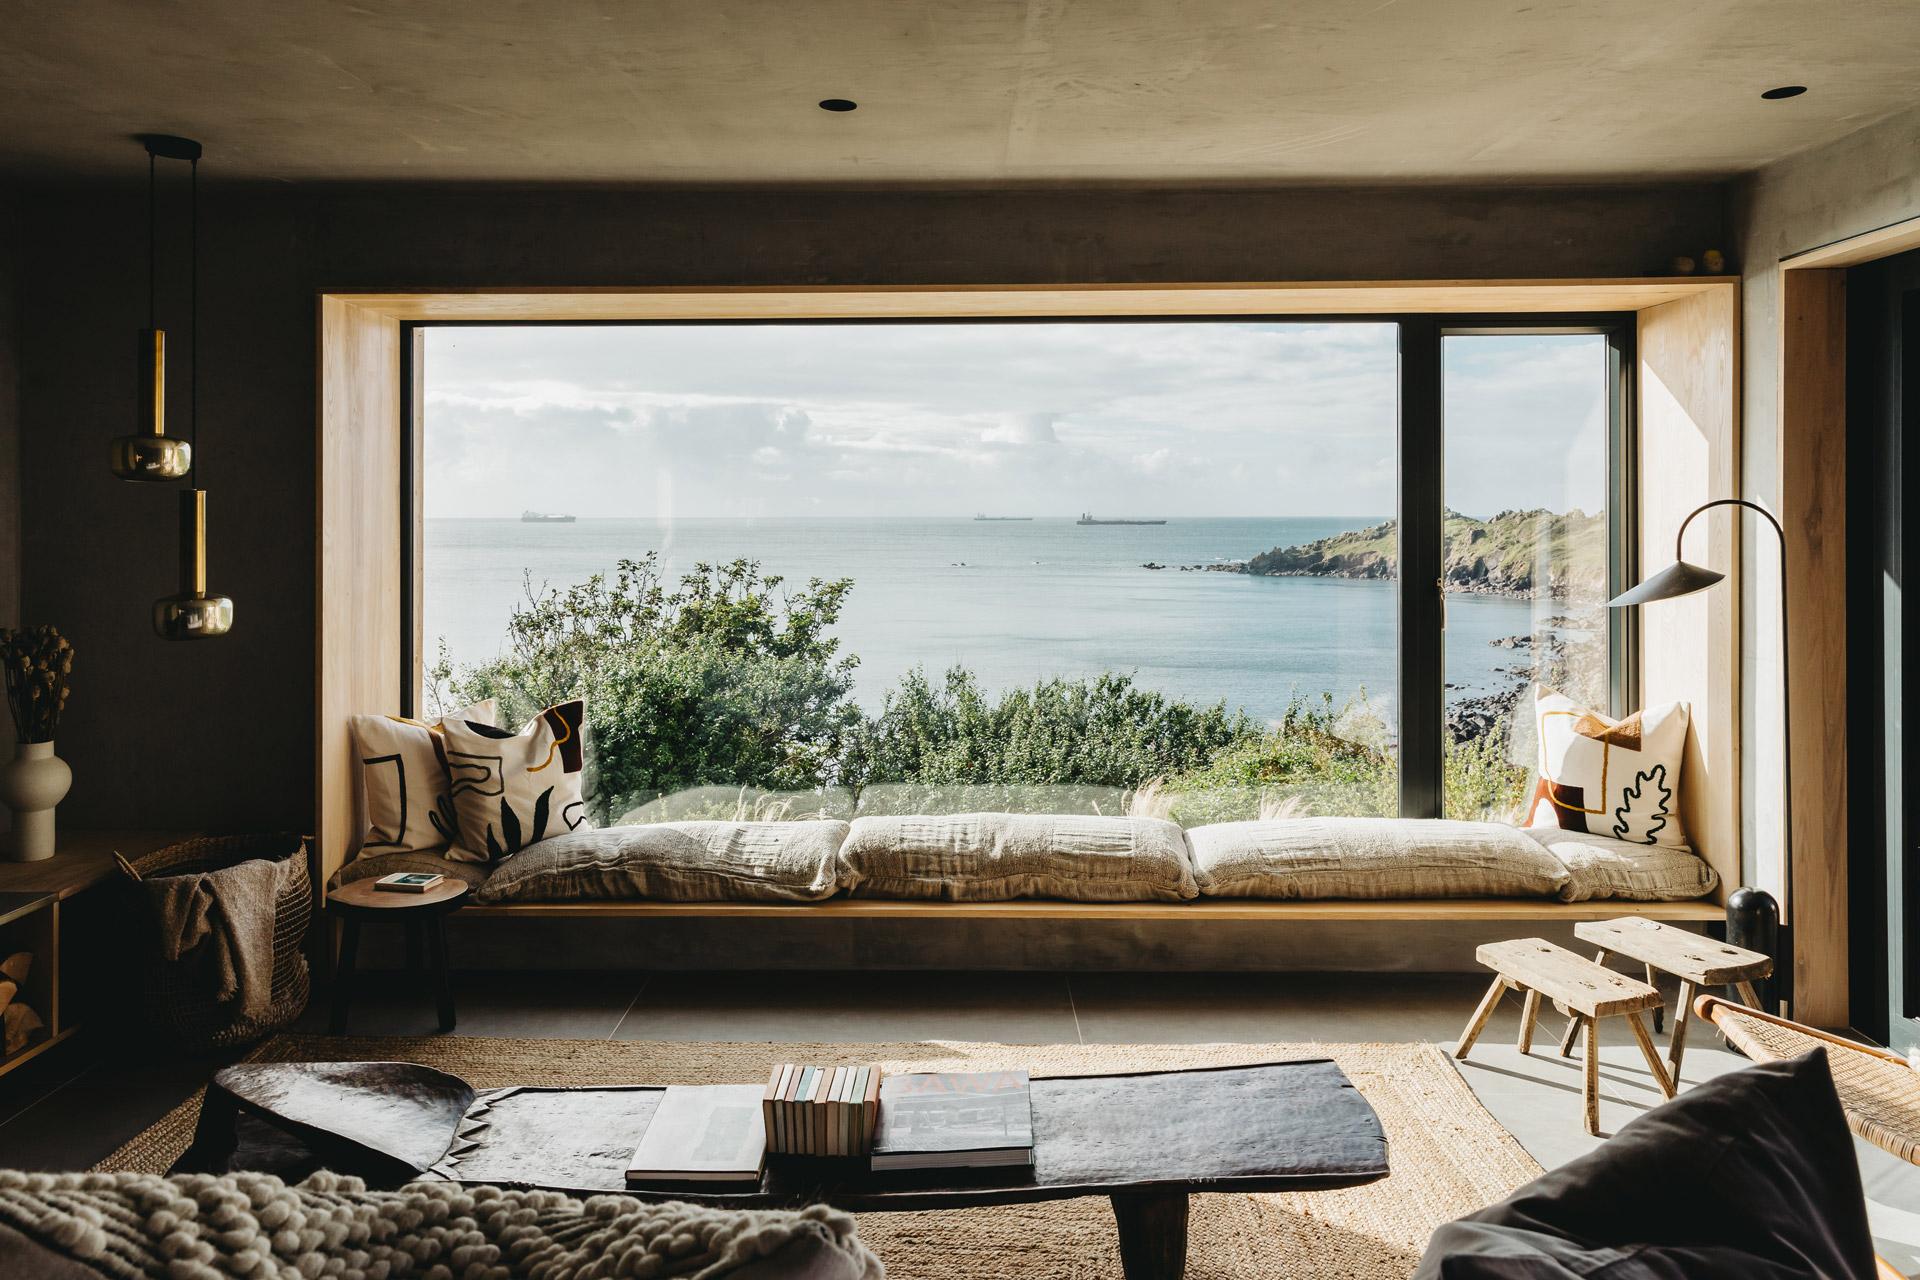 Ukiyo House Refurb window seat